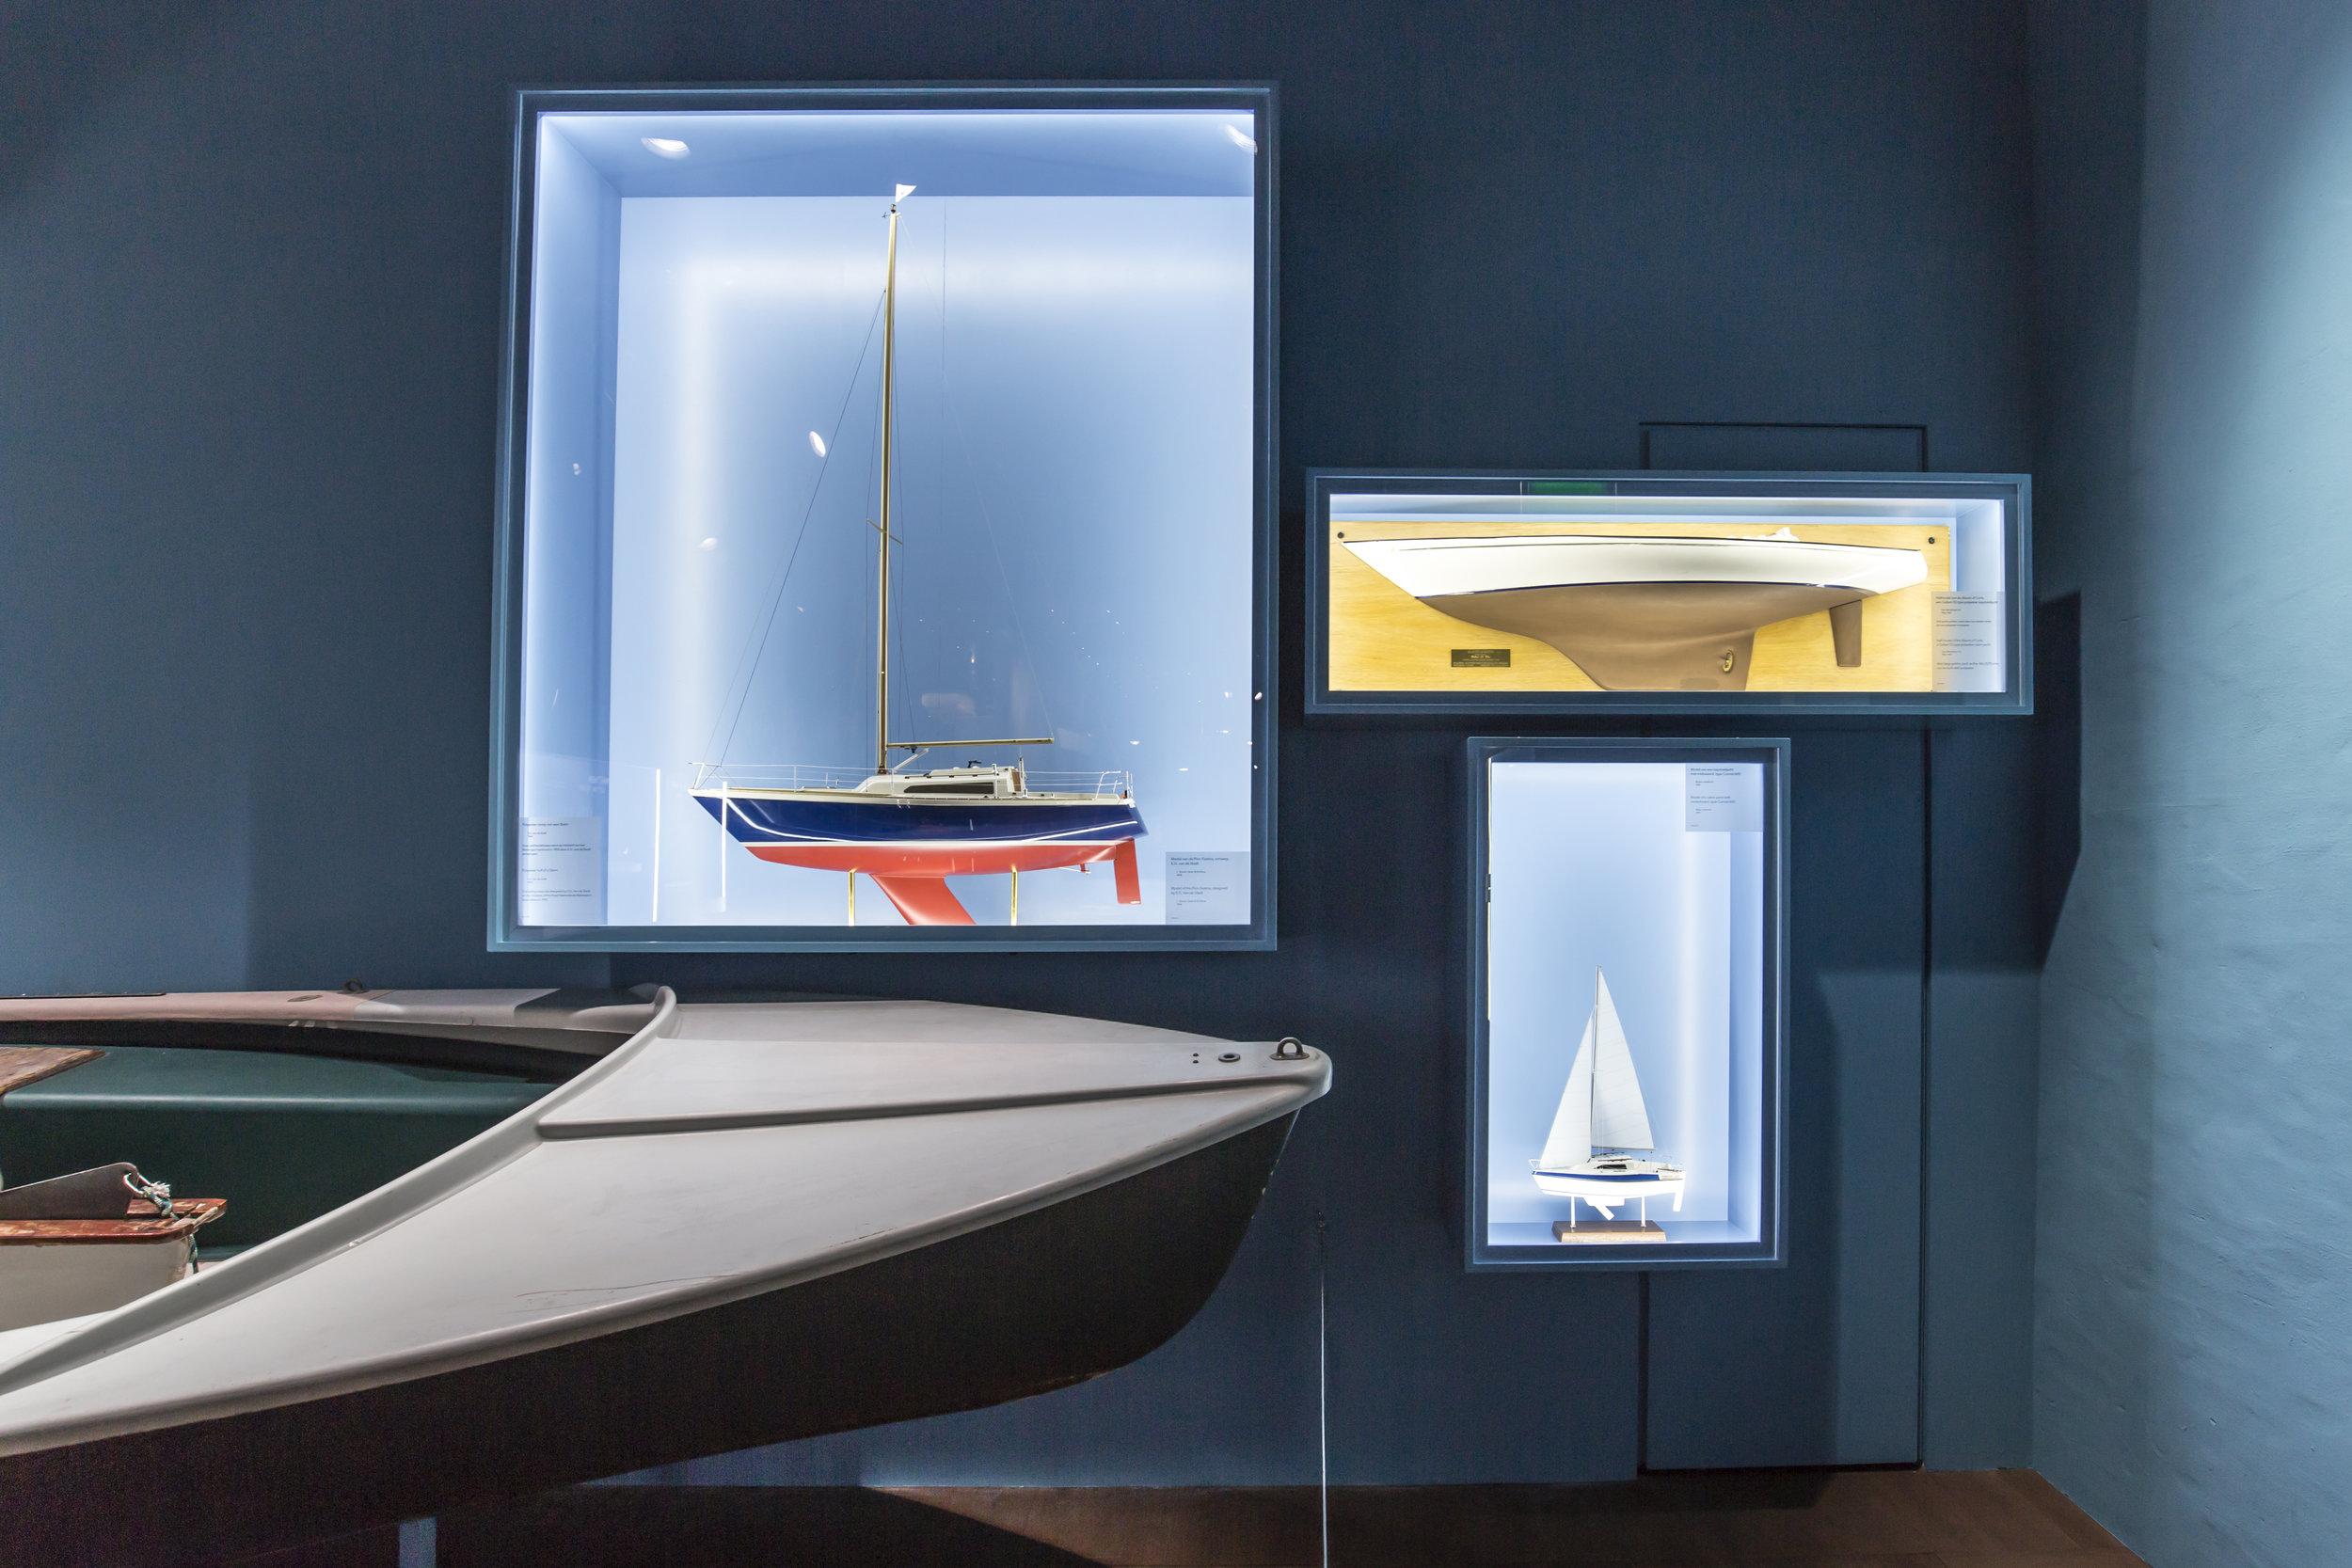 scheepvaart-museum-zaal3-14.jpg